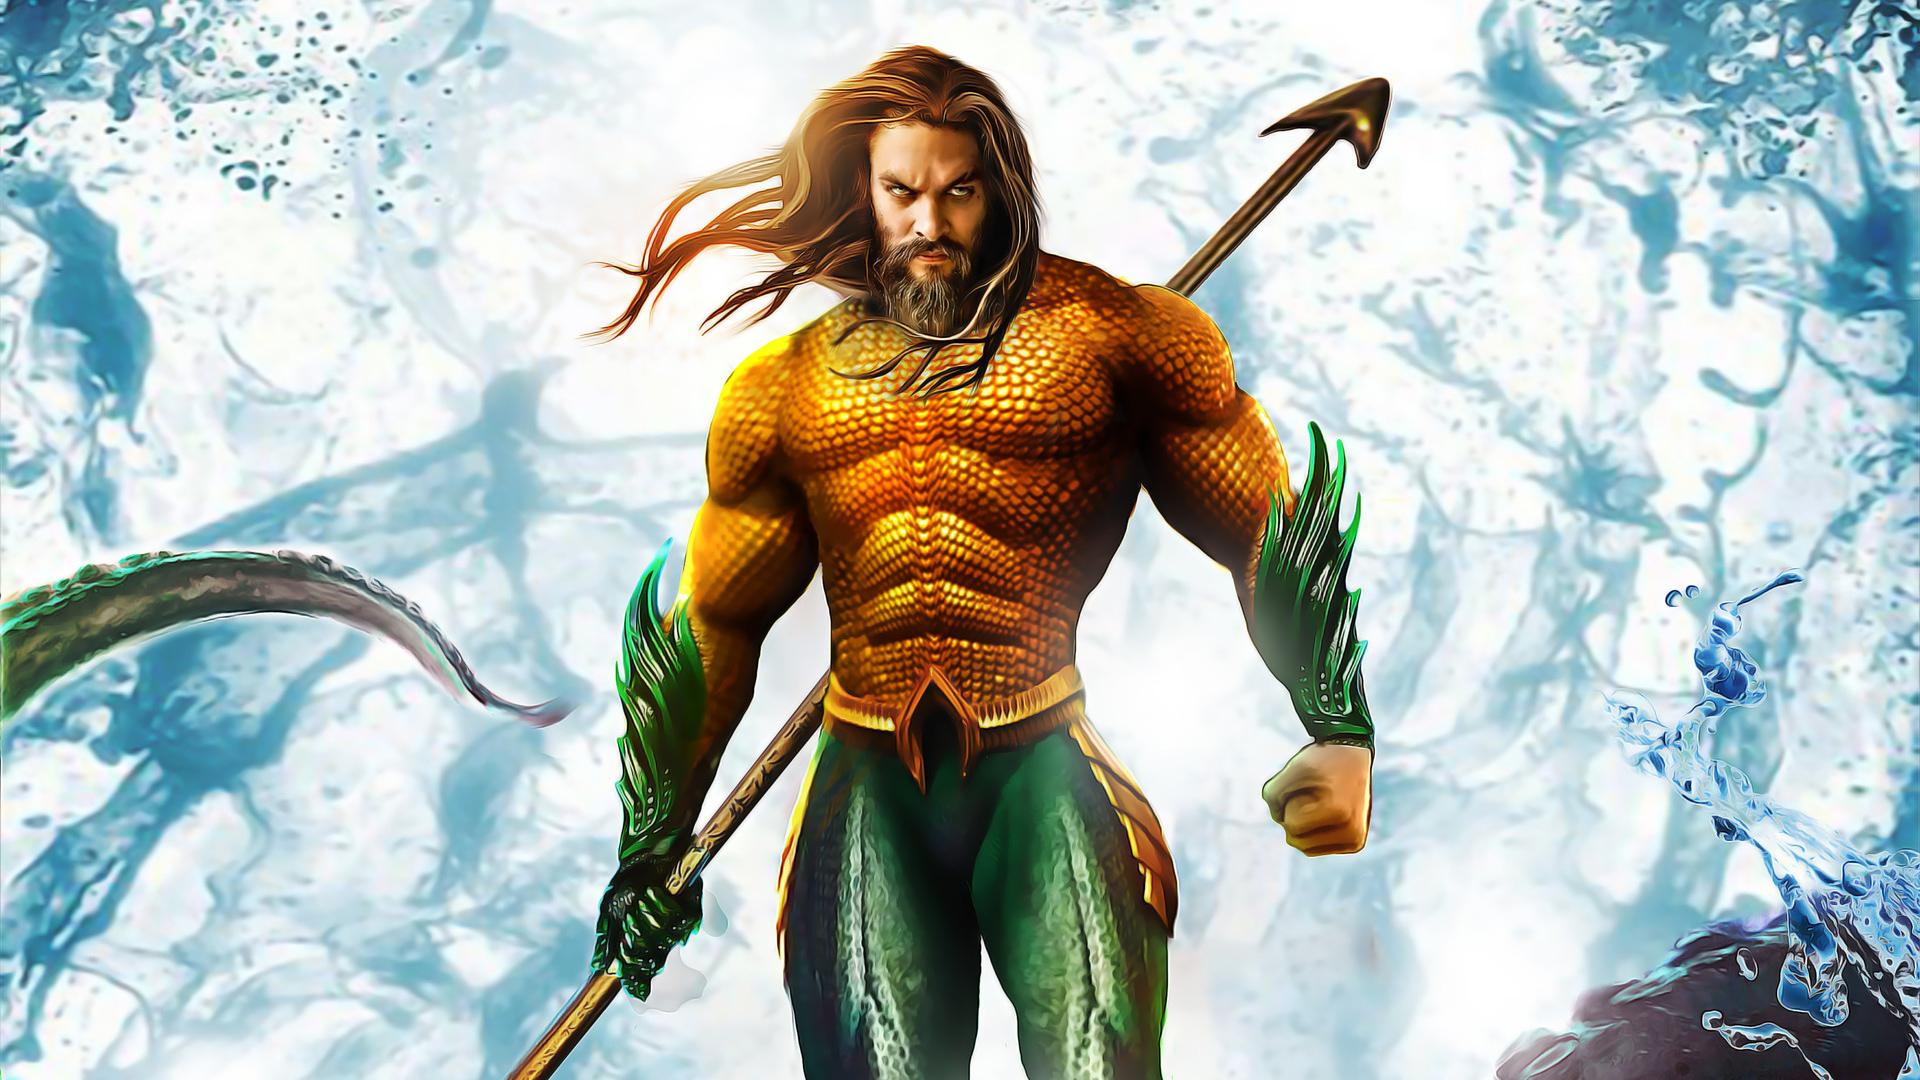 Aquaman 2018 Movie 4k Wallpapers: Jason Momoa Aquaman, HD Movies, 4k Wallpapers, Images